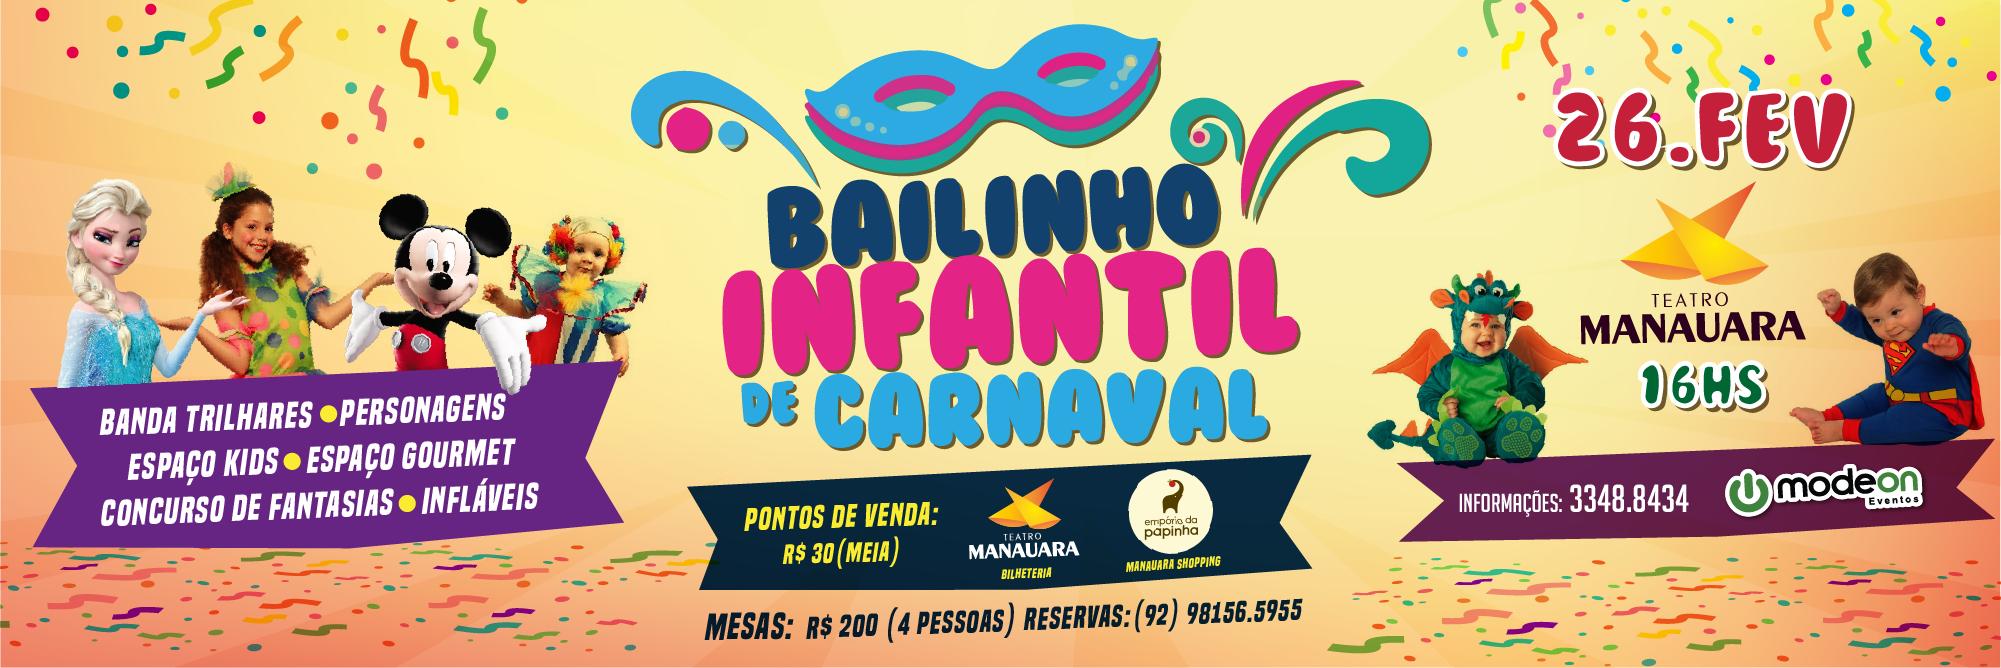 banner site bailinho de carnaval-01